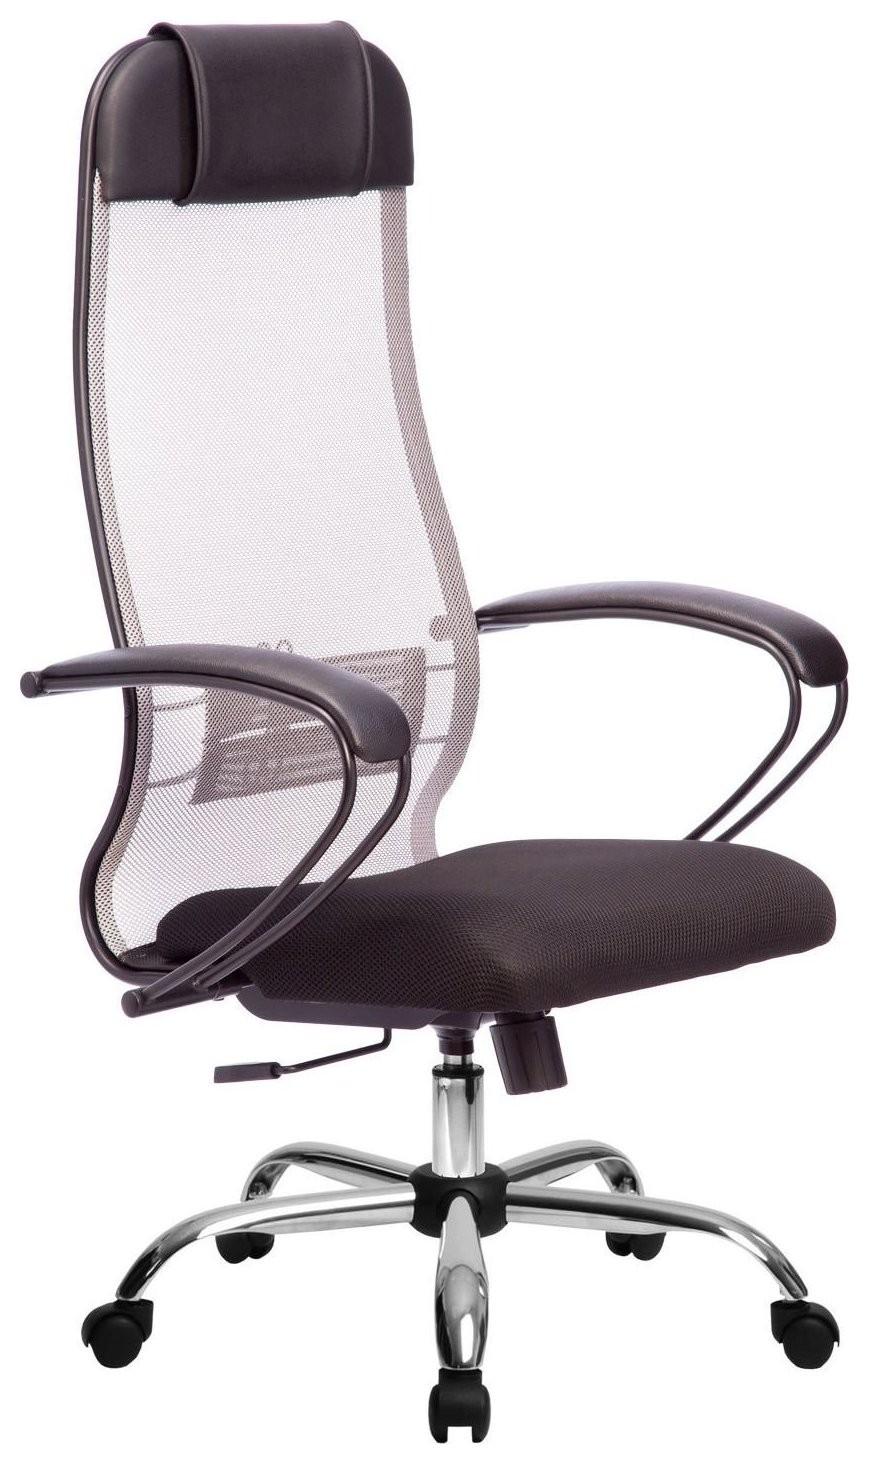 Купить Кресло для руководителя МЕТТА Комплект 11 CH за 9087 ₽ в Новокузнецке — интернет-магазин VITTO